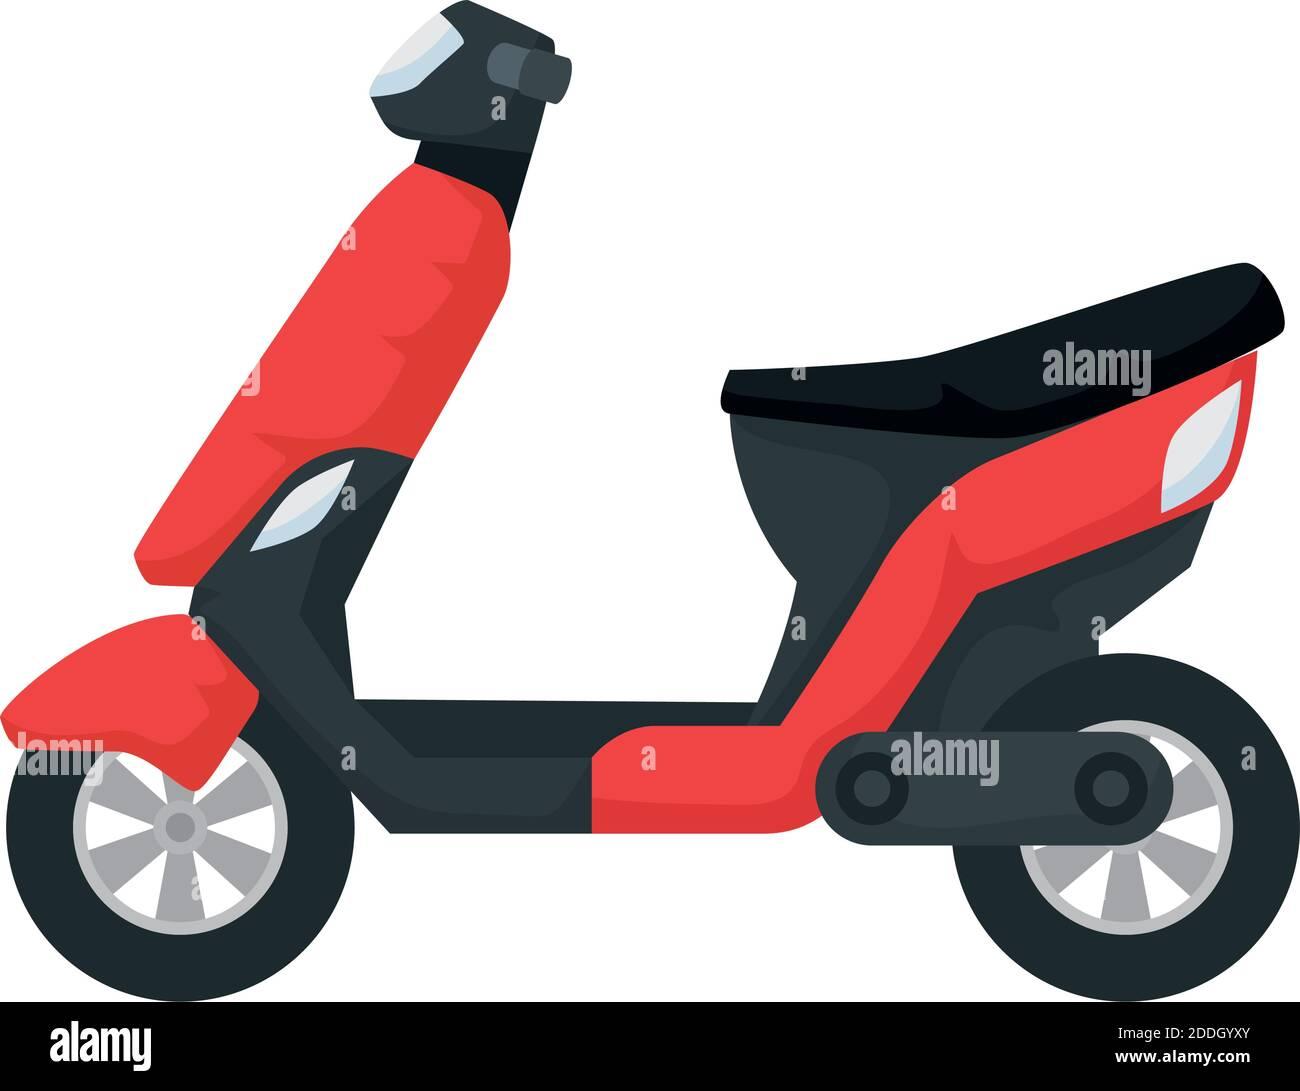 scooter motocicleta vehículo icono aislado Ilustración del Vector